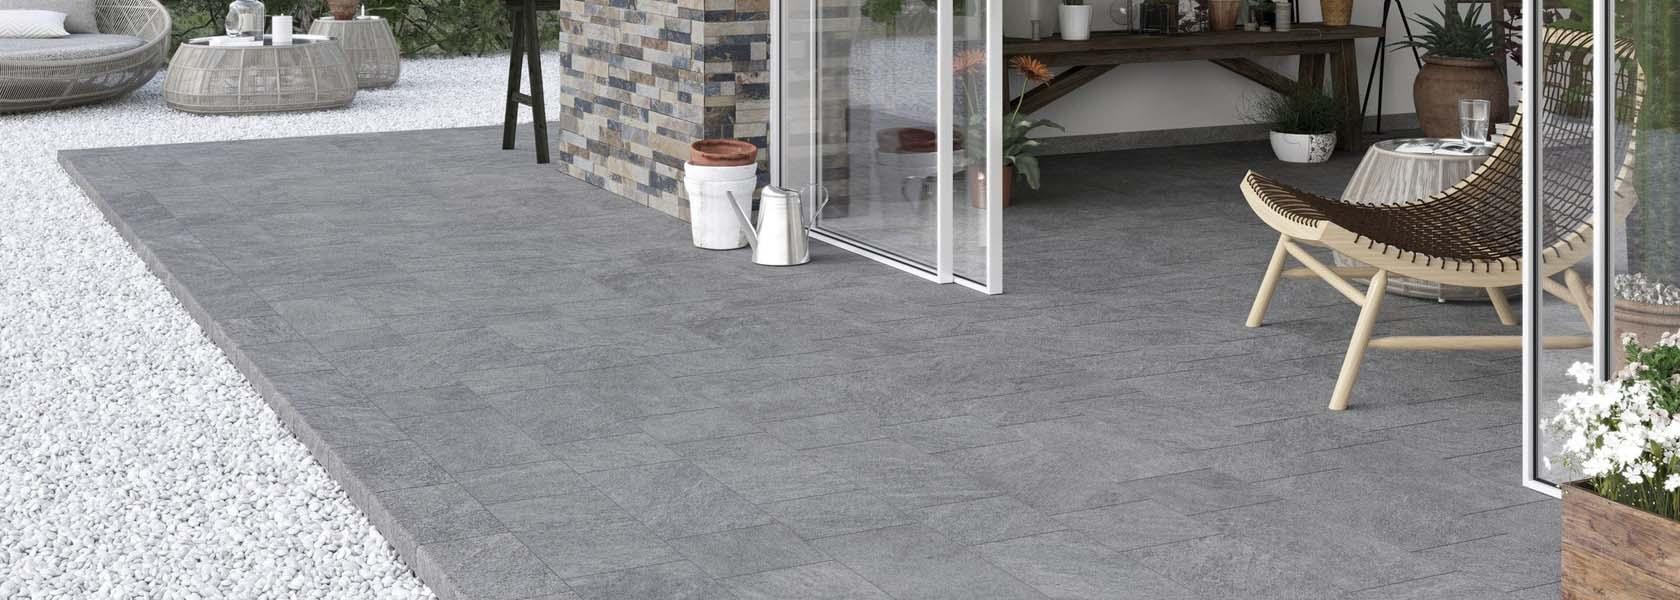 Colorare Pavimento In Cotto pavimento per esterno pavia - rivestimenti pavimenti milano